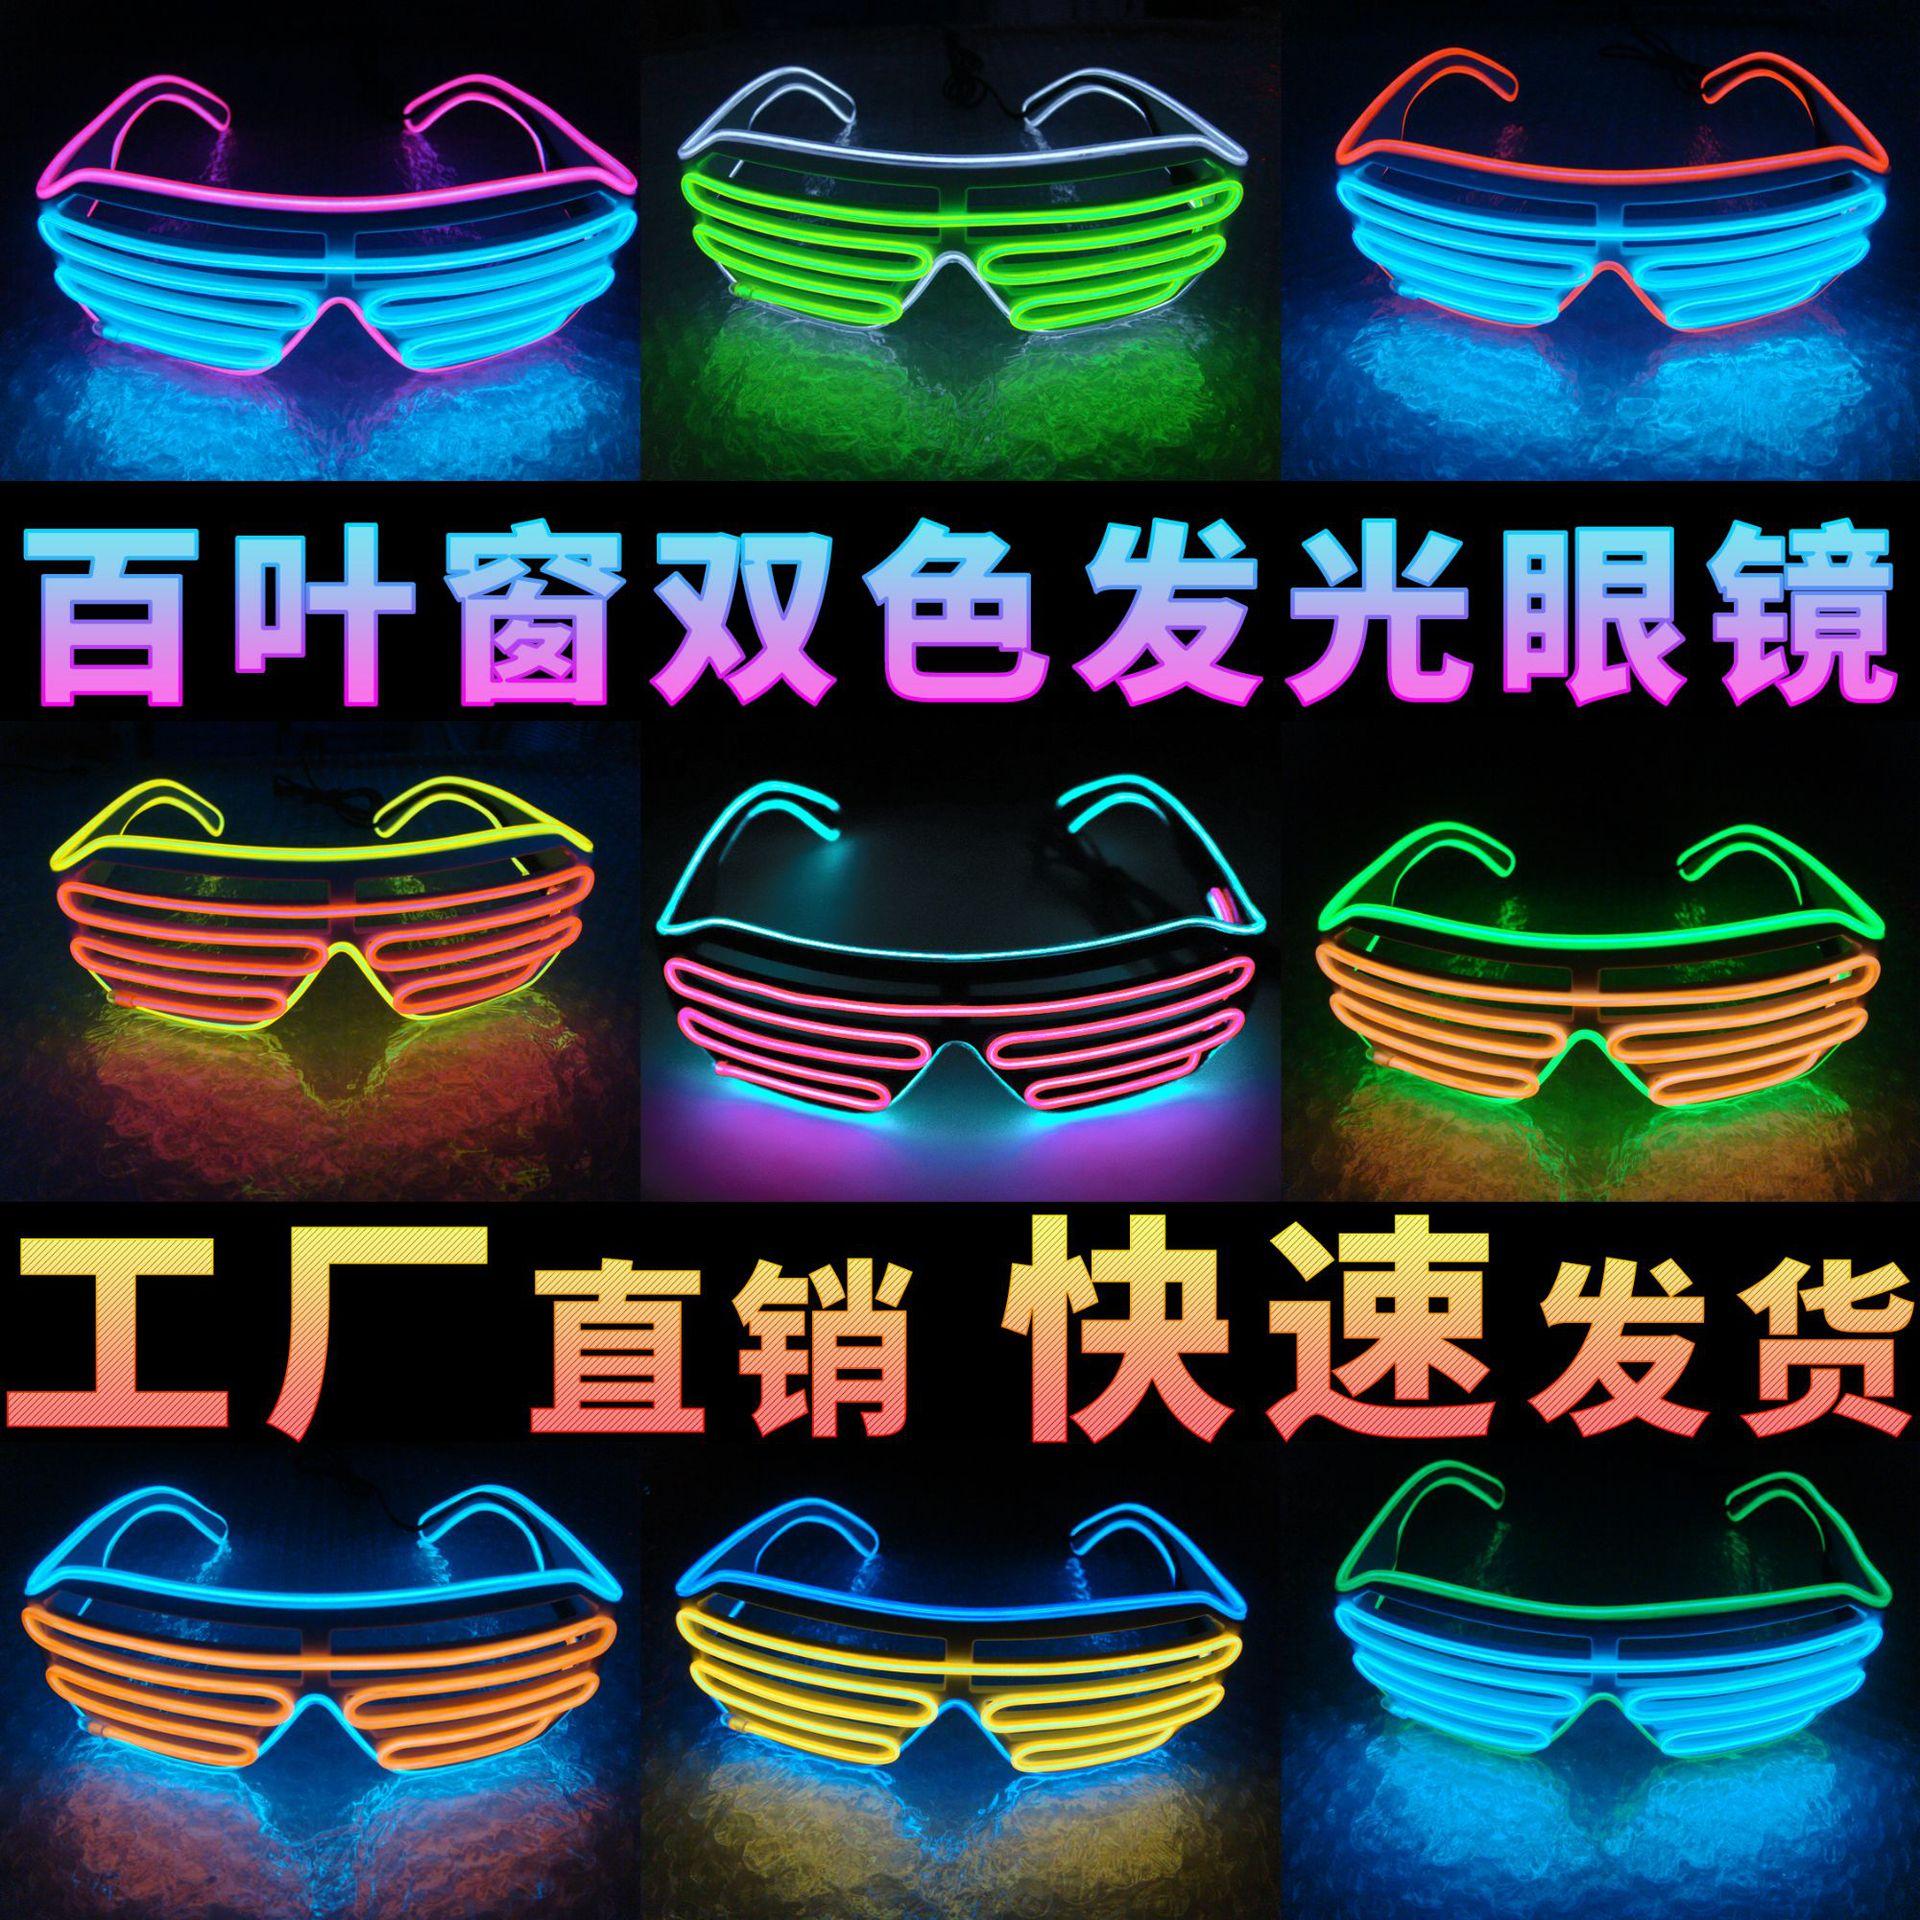 发光眼镜 LED眼镜 荧光眼镜 EL闪光眼镜 百叶窗双色 荧光舞表演